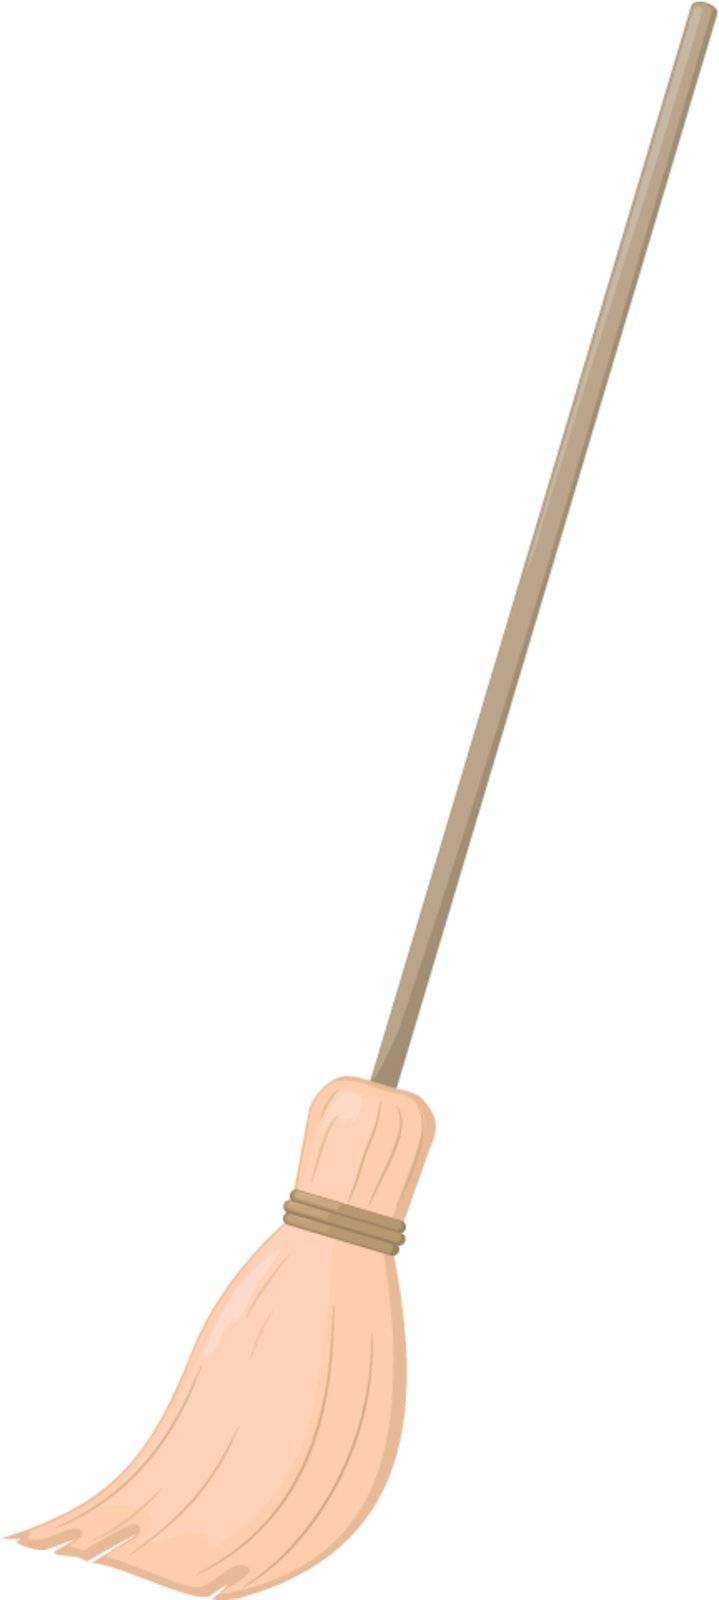 Broom. EPS10 by Larser